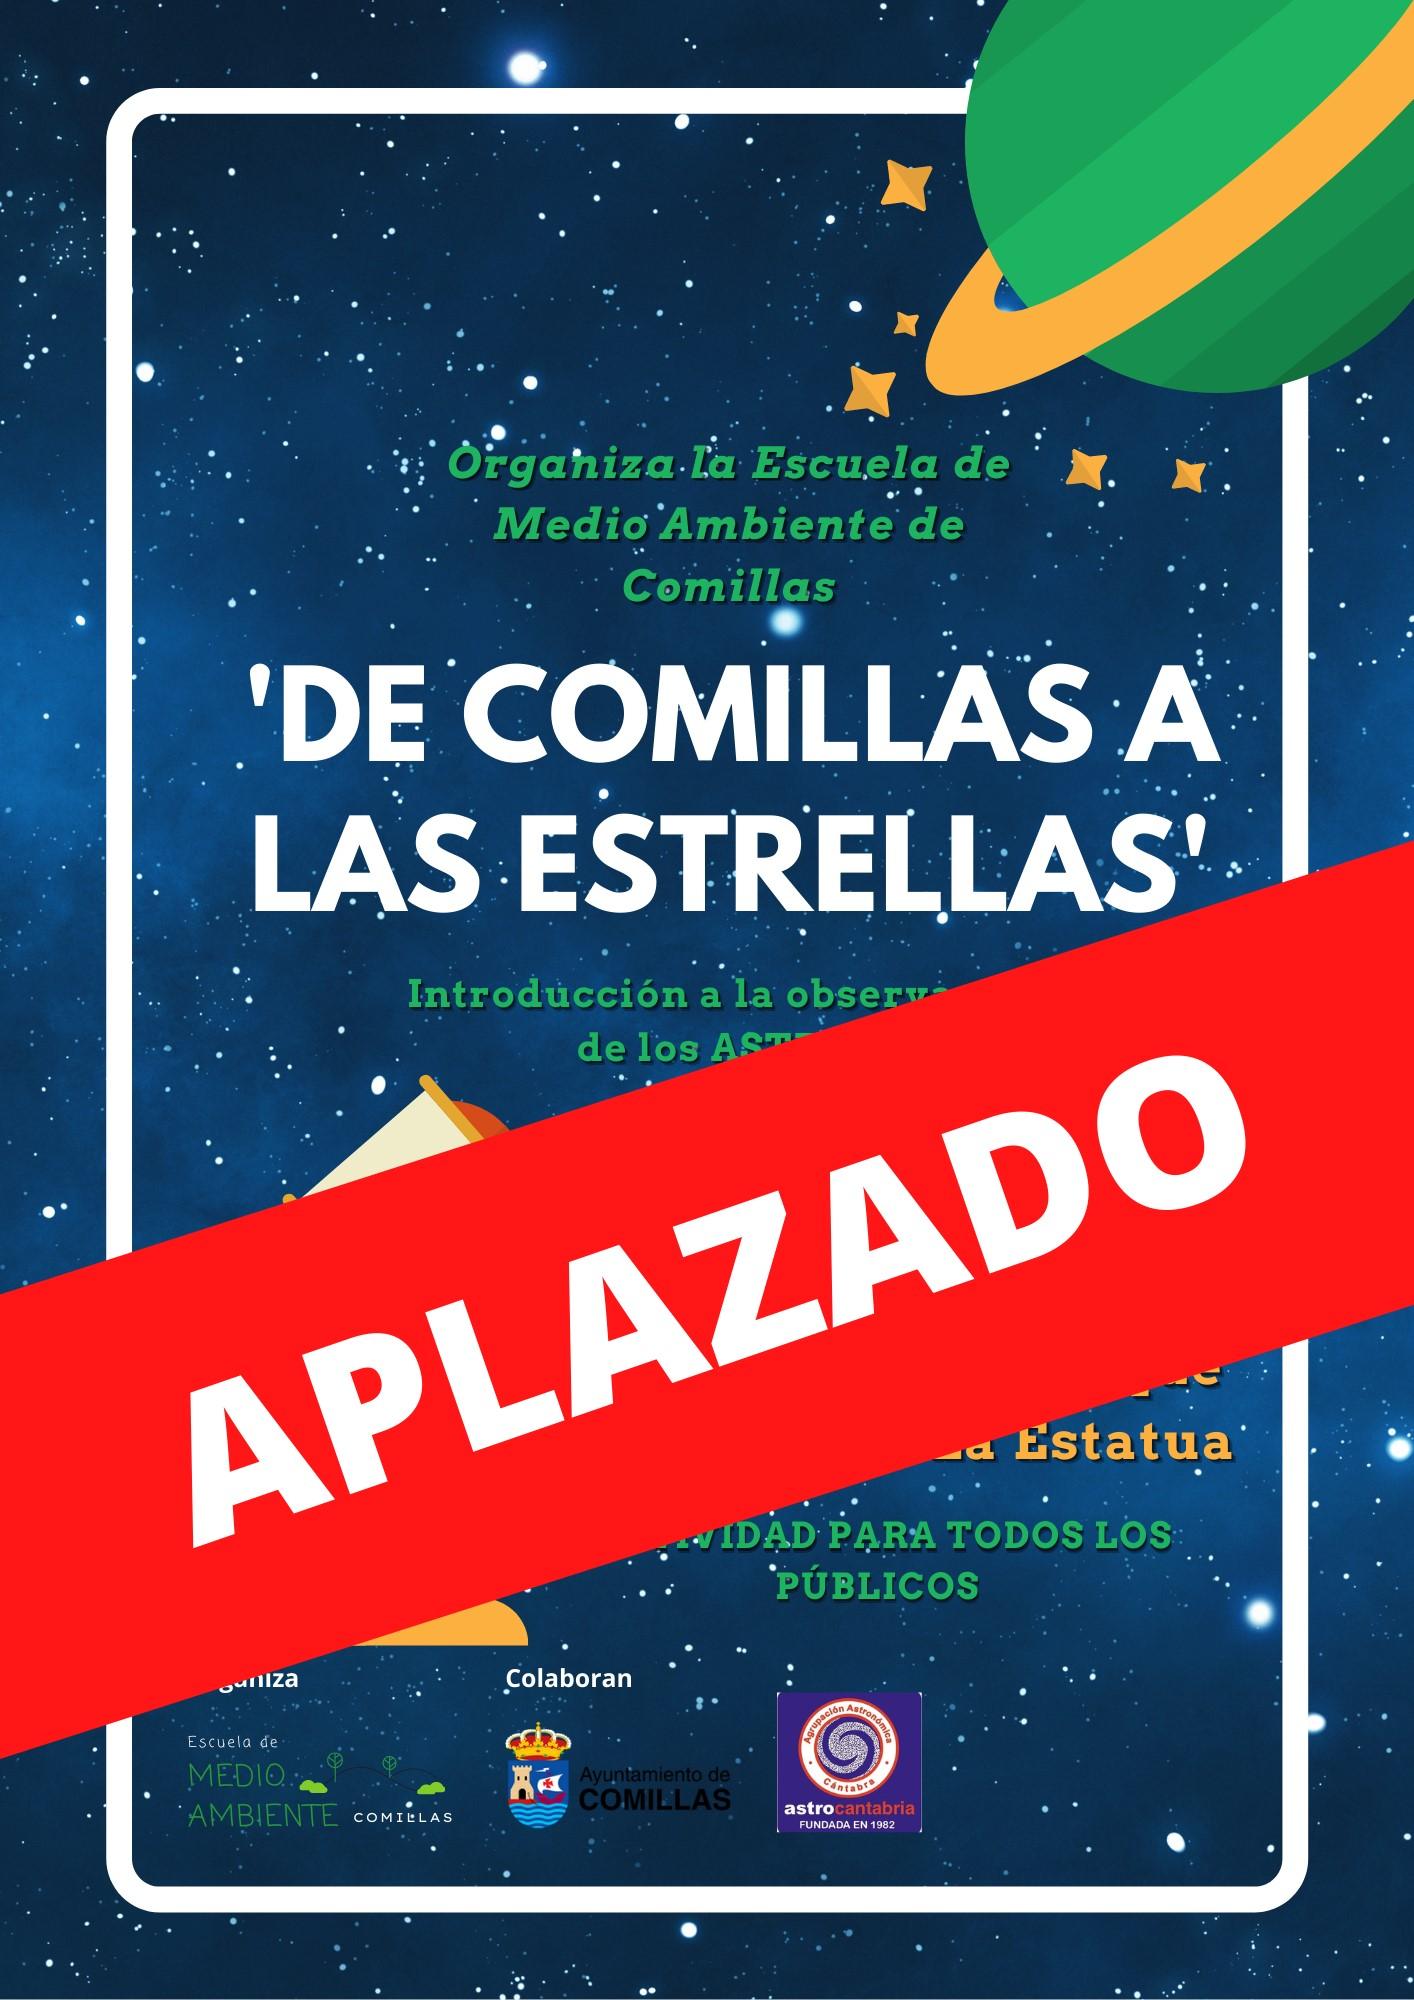 DE COMILLAS A LAS ESTRELLAS